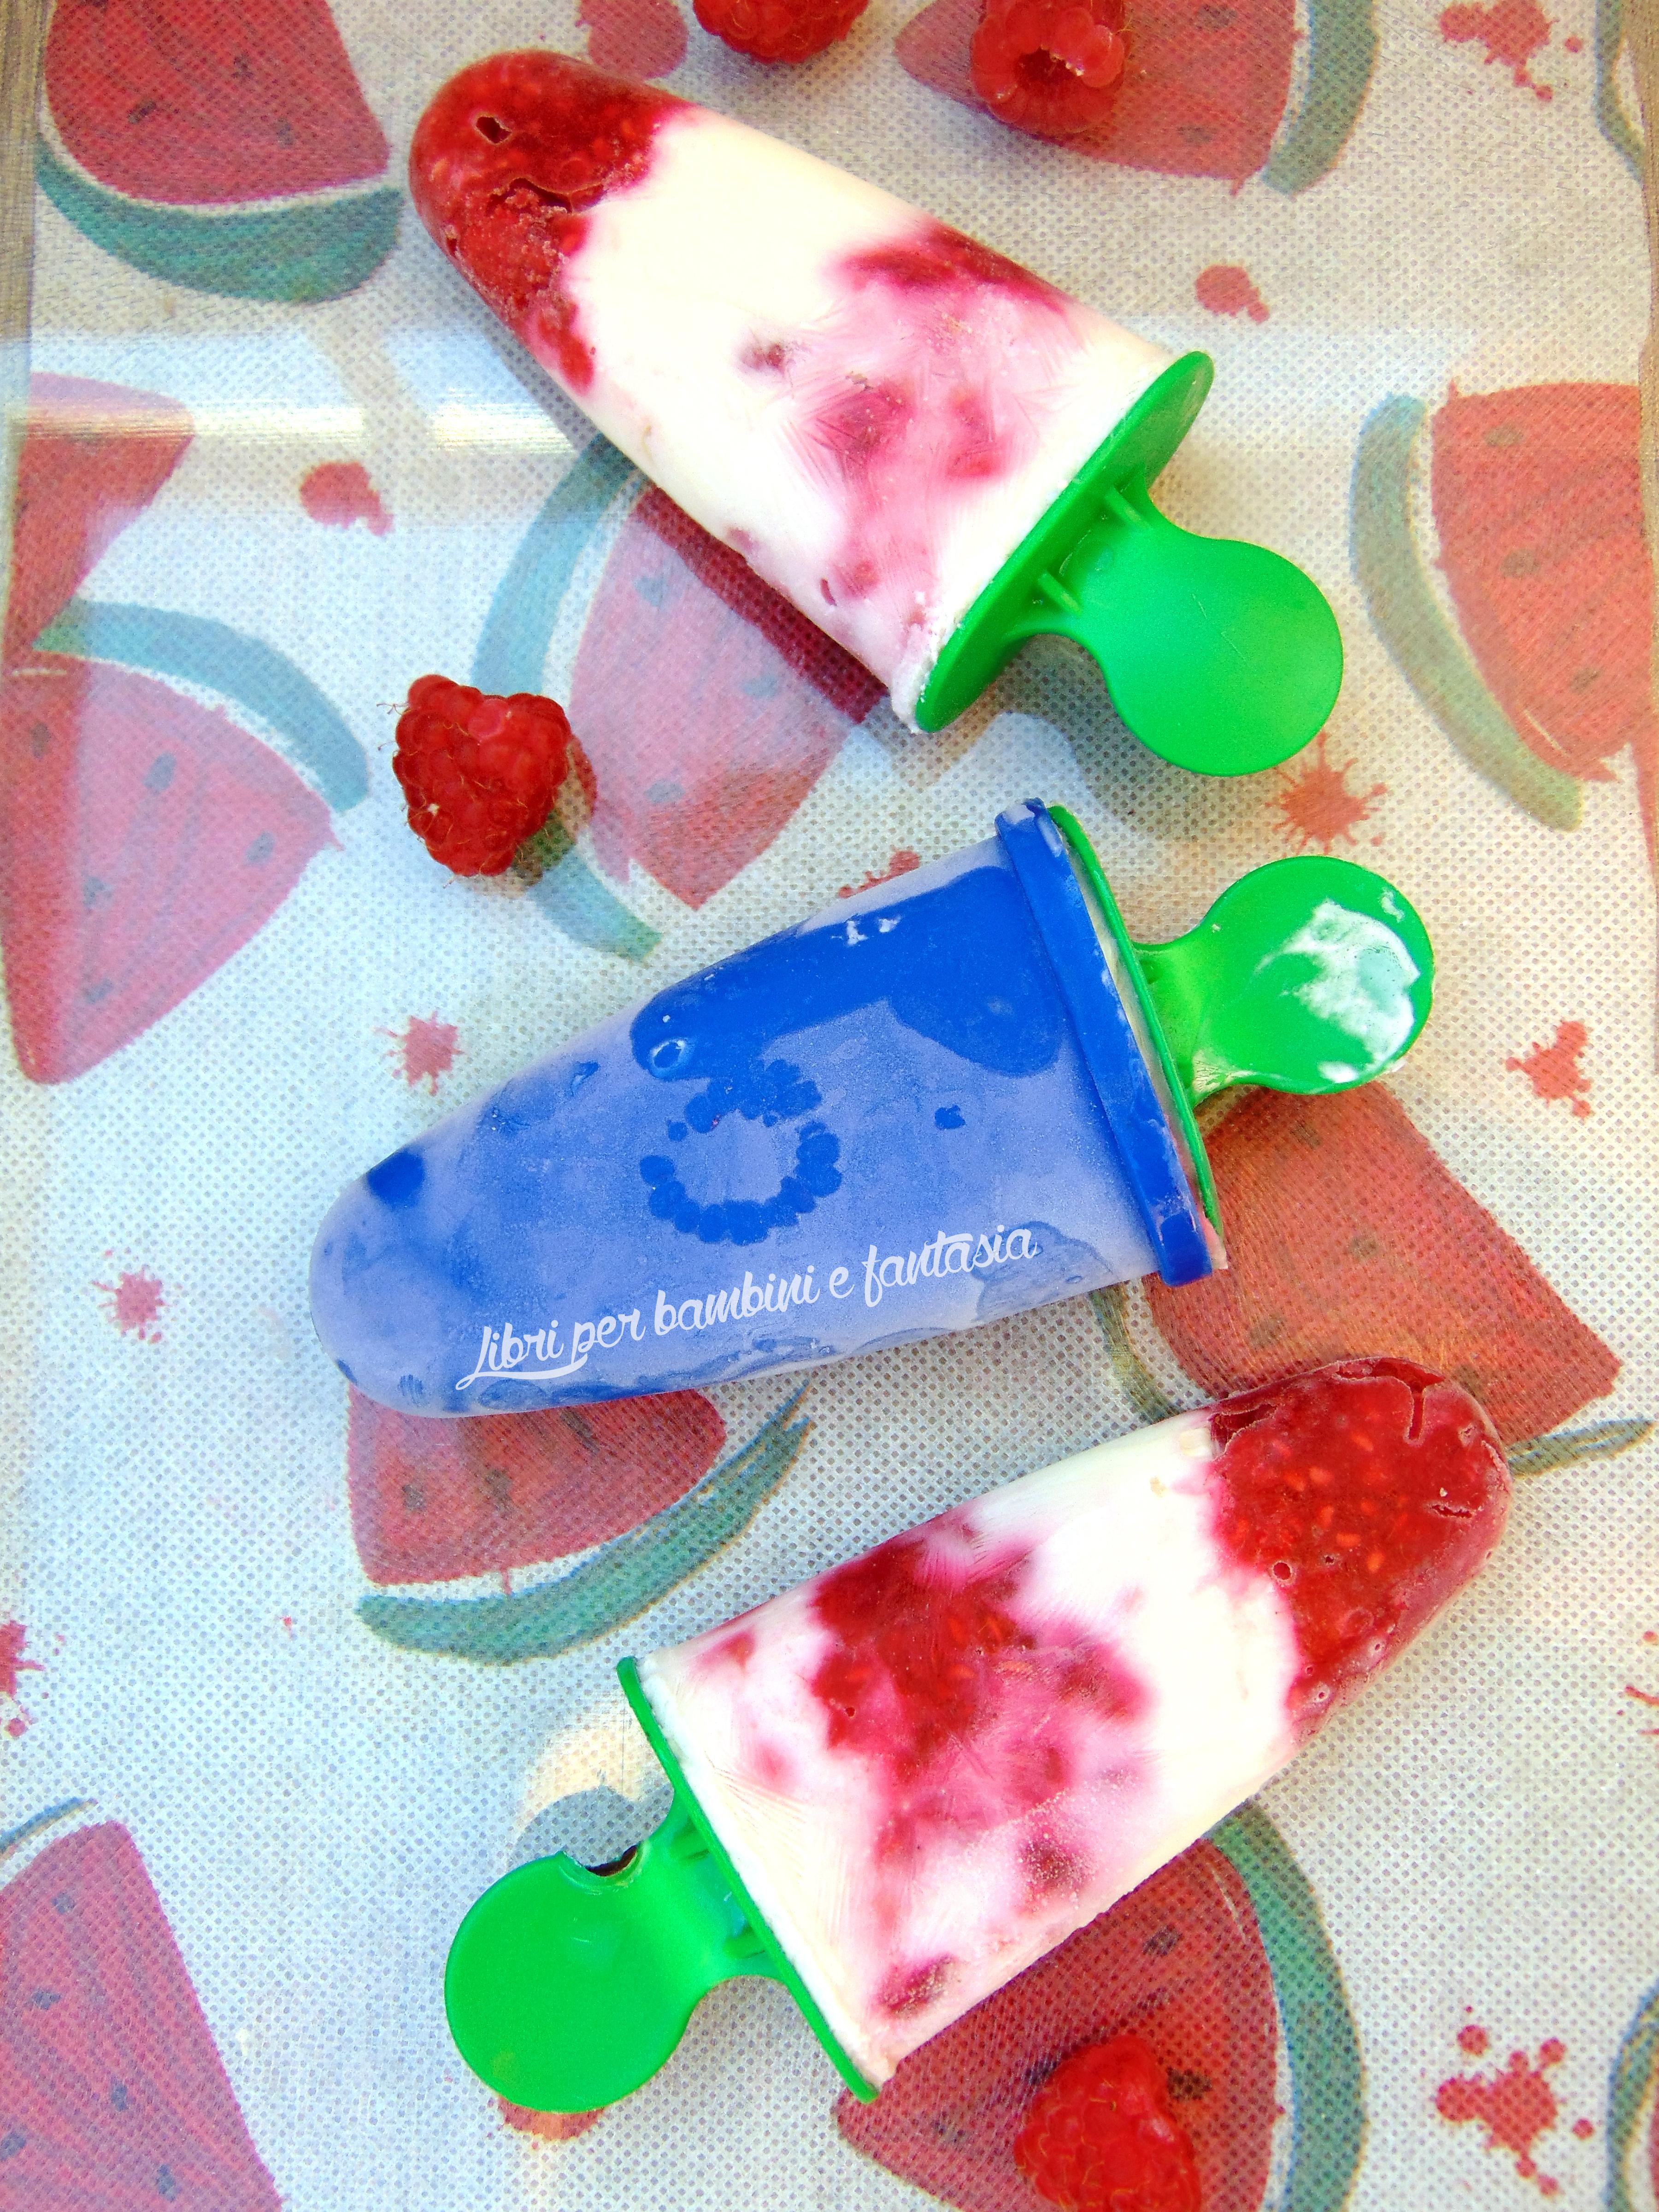 gelati di yogurt greco e lamponi